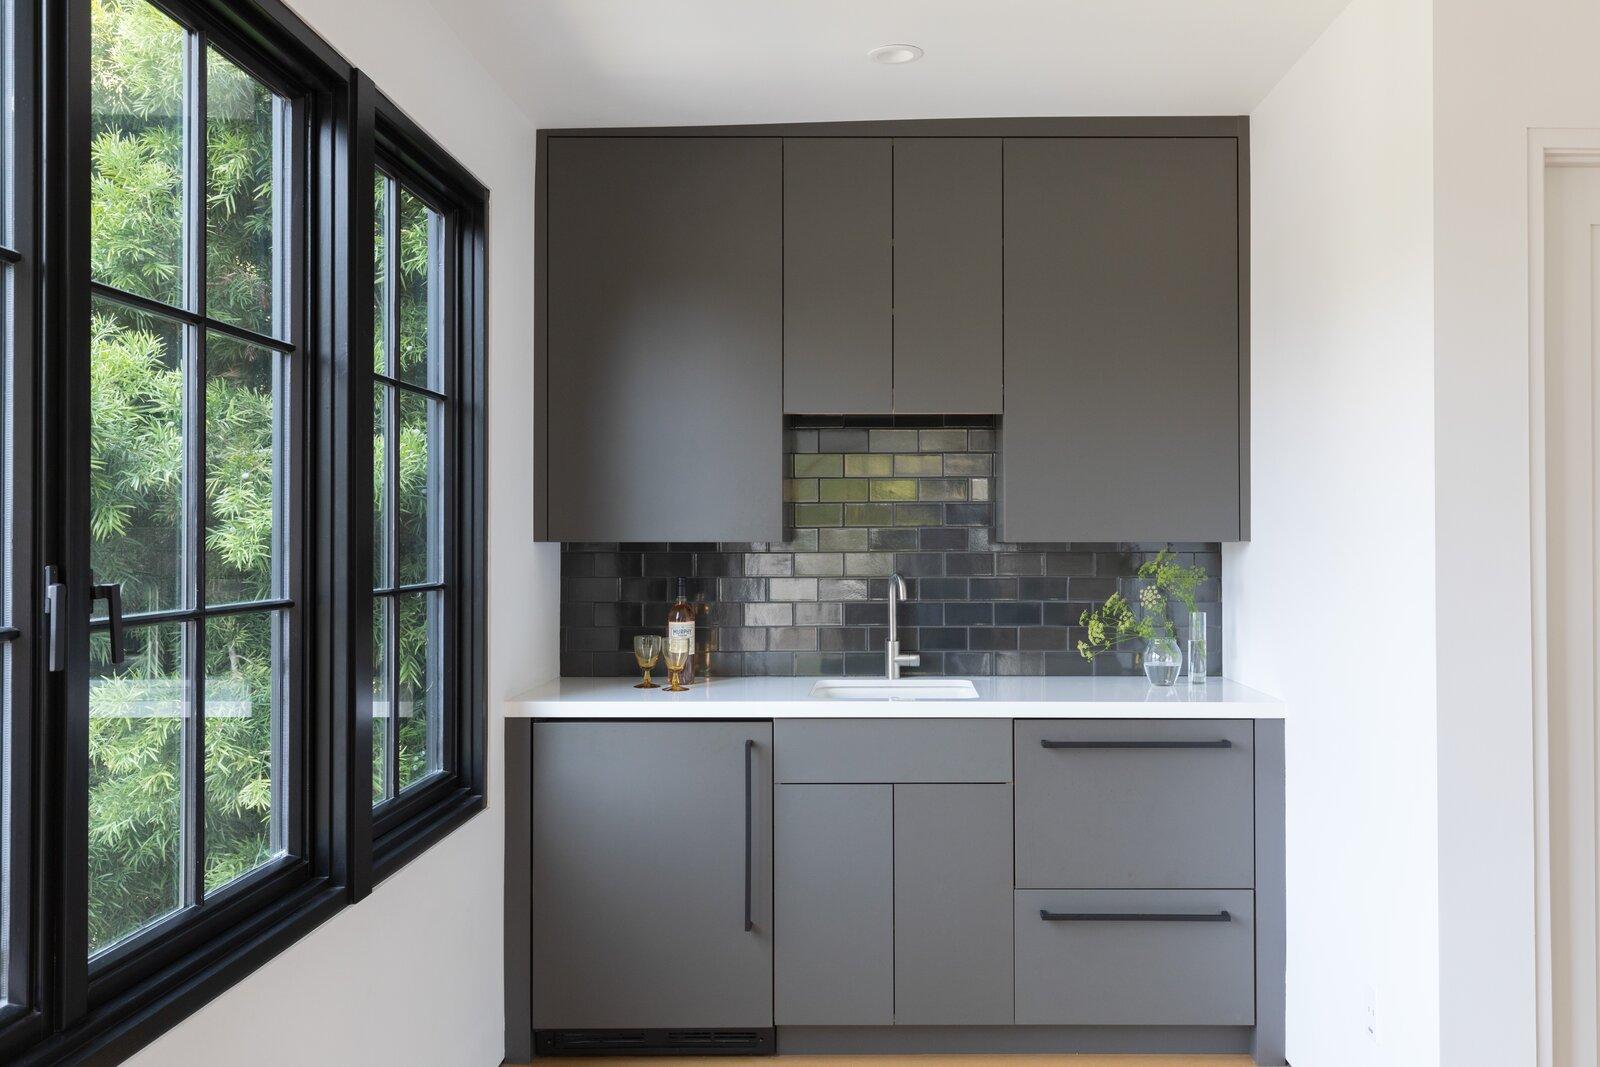 Berkeley budget breakdown Bay area renovation Heath tiles kitchenette